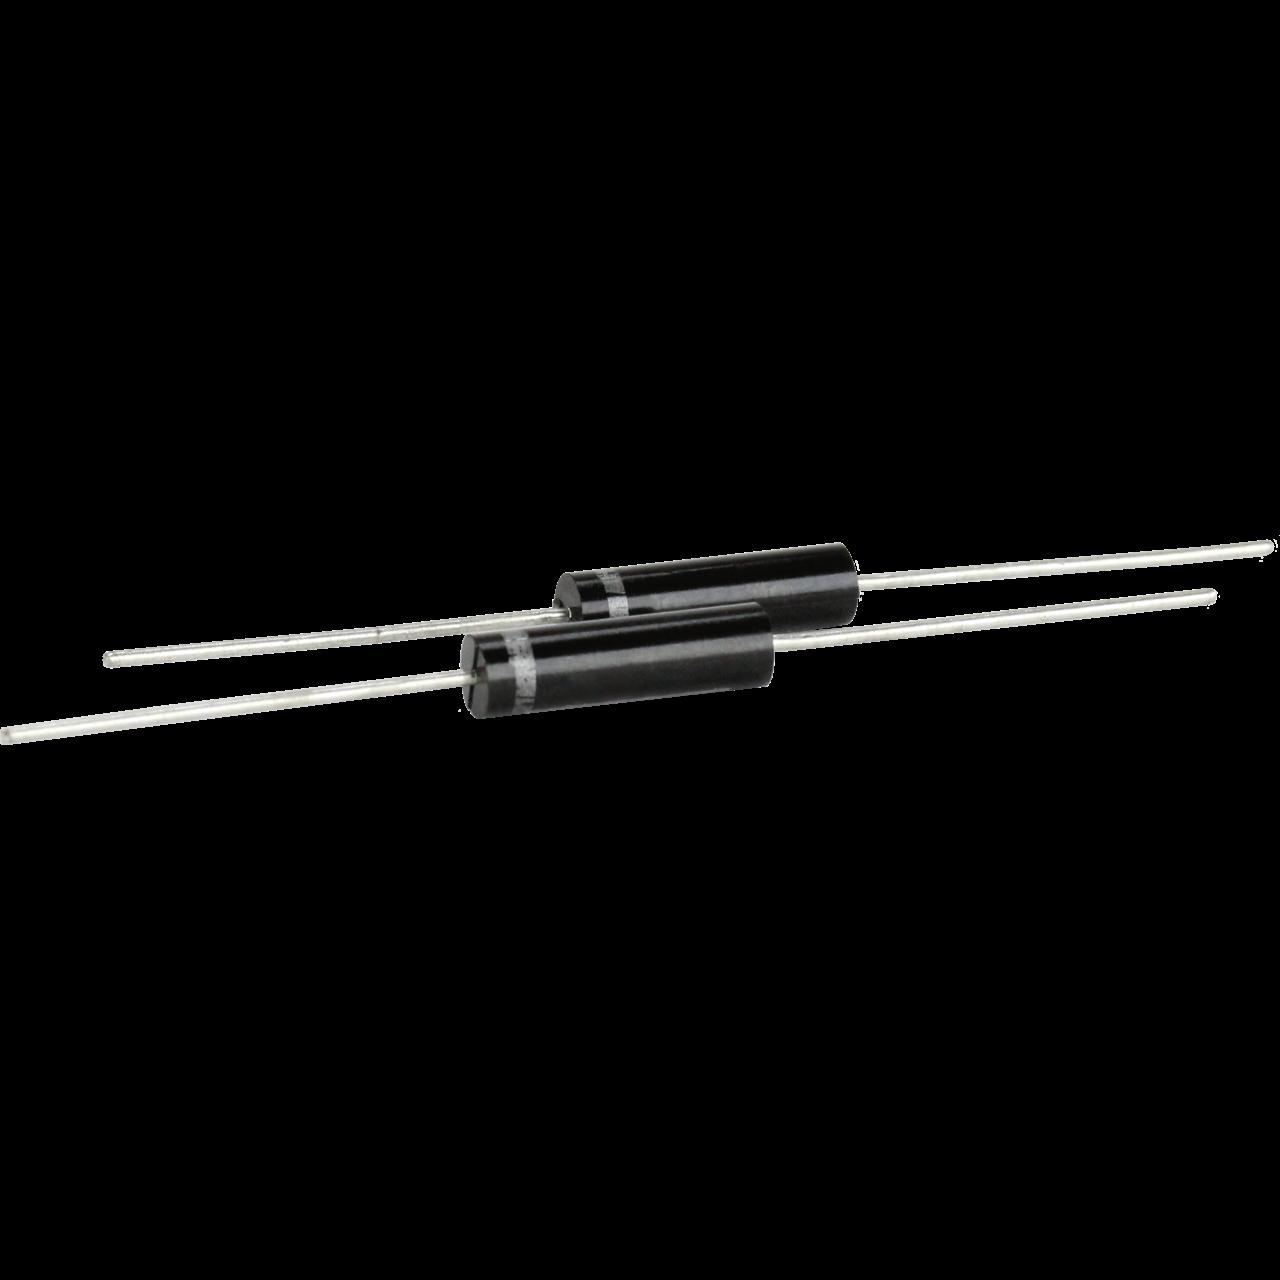 Diodo de Alto voltaje HV550 CKE